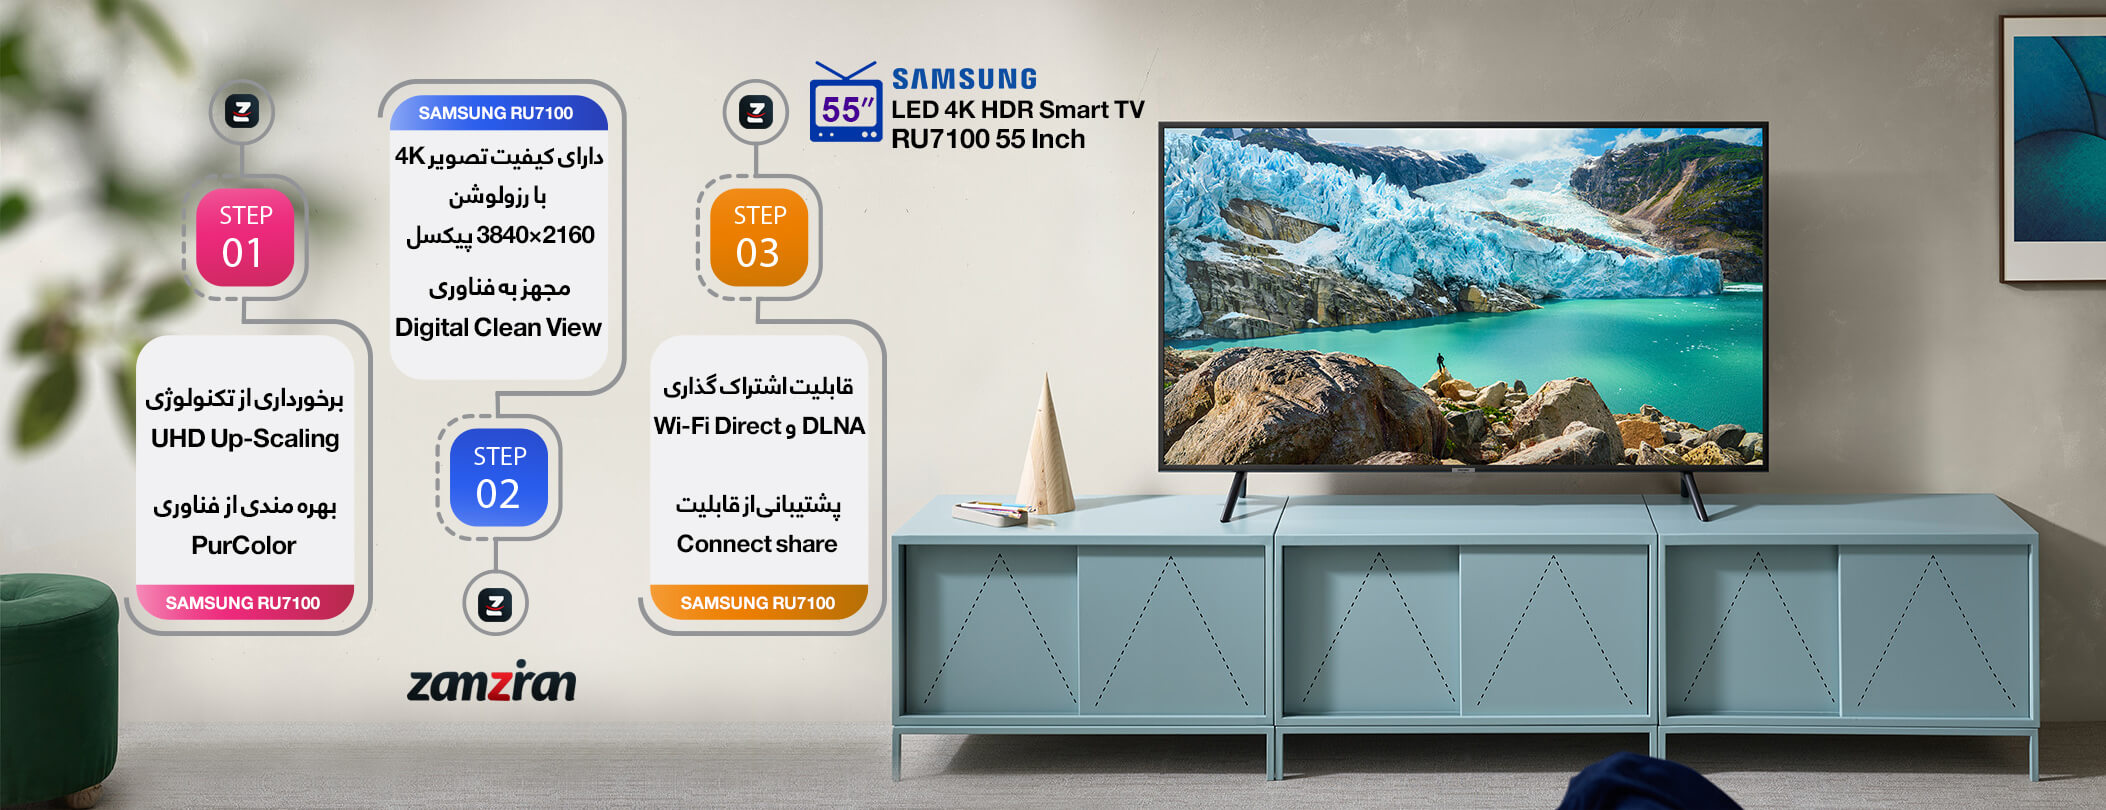 اینفوگرافی تلویزیون 55 اینچ سامسونگ RU7100